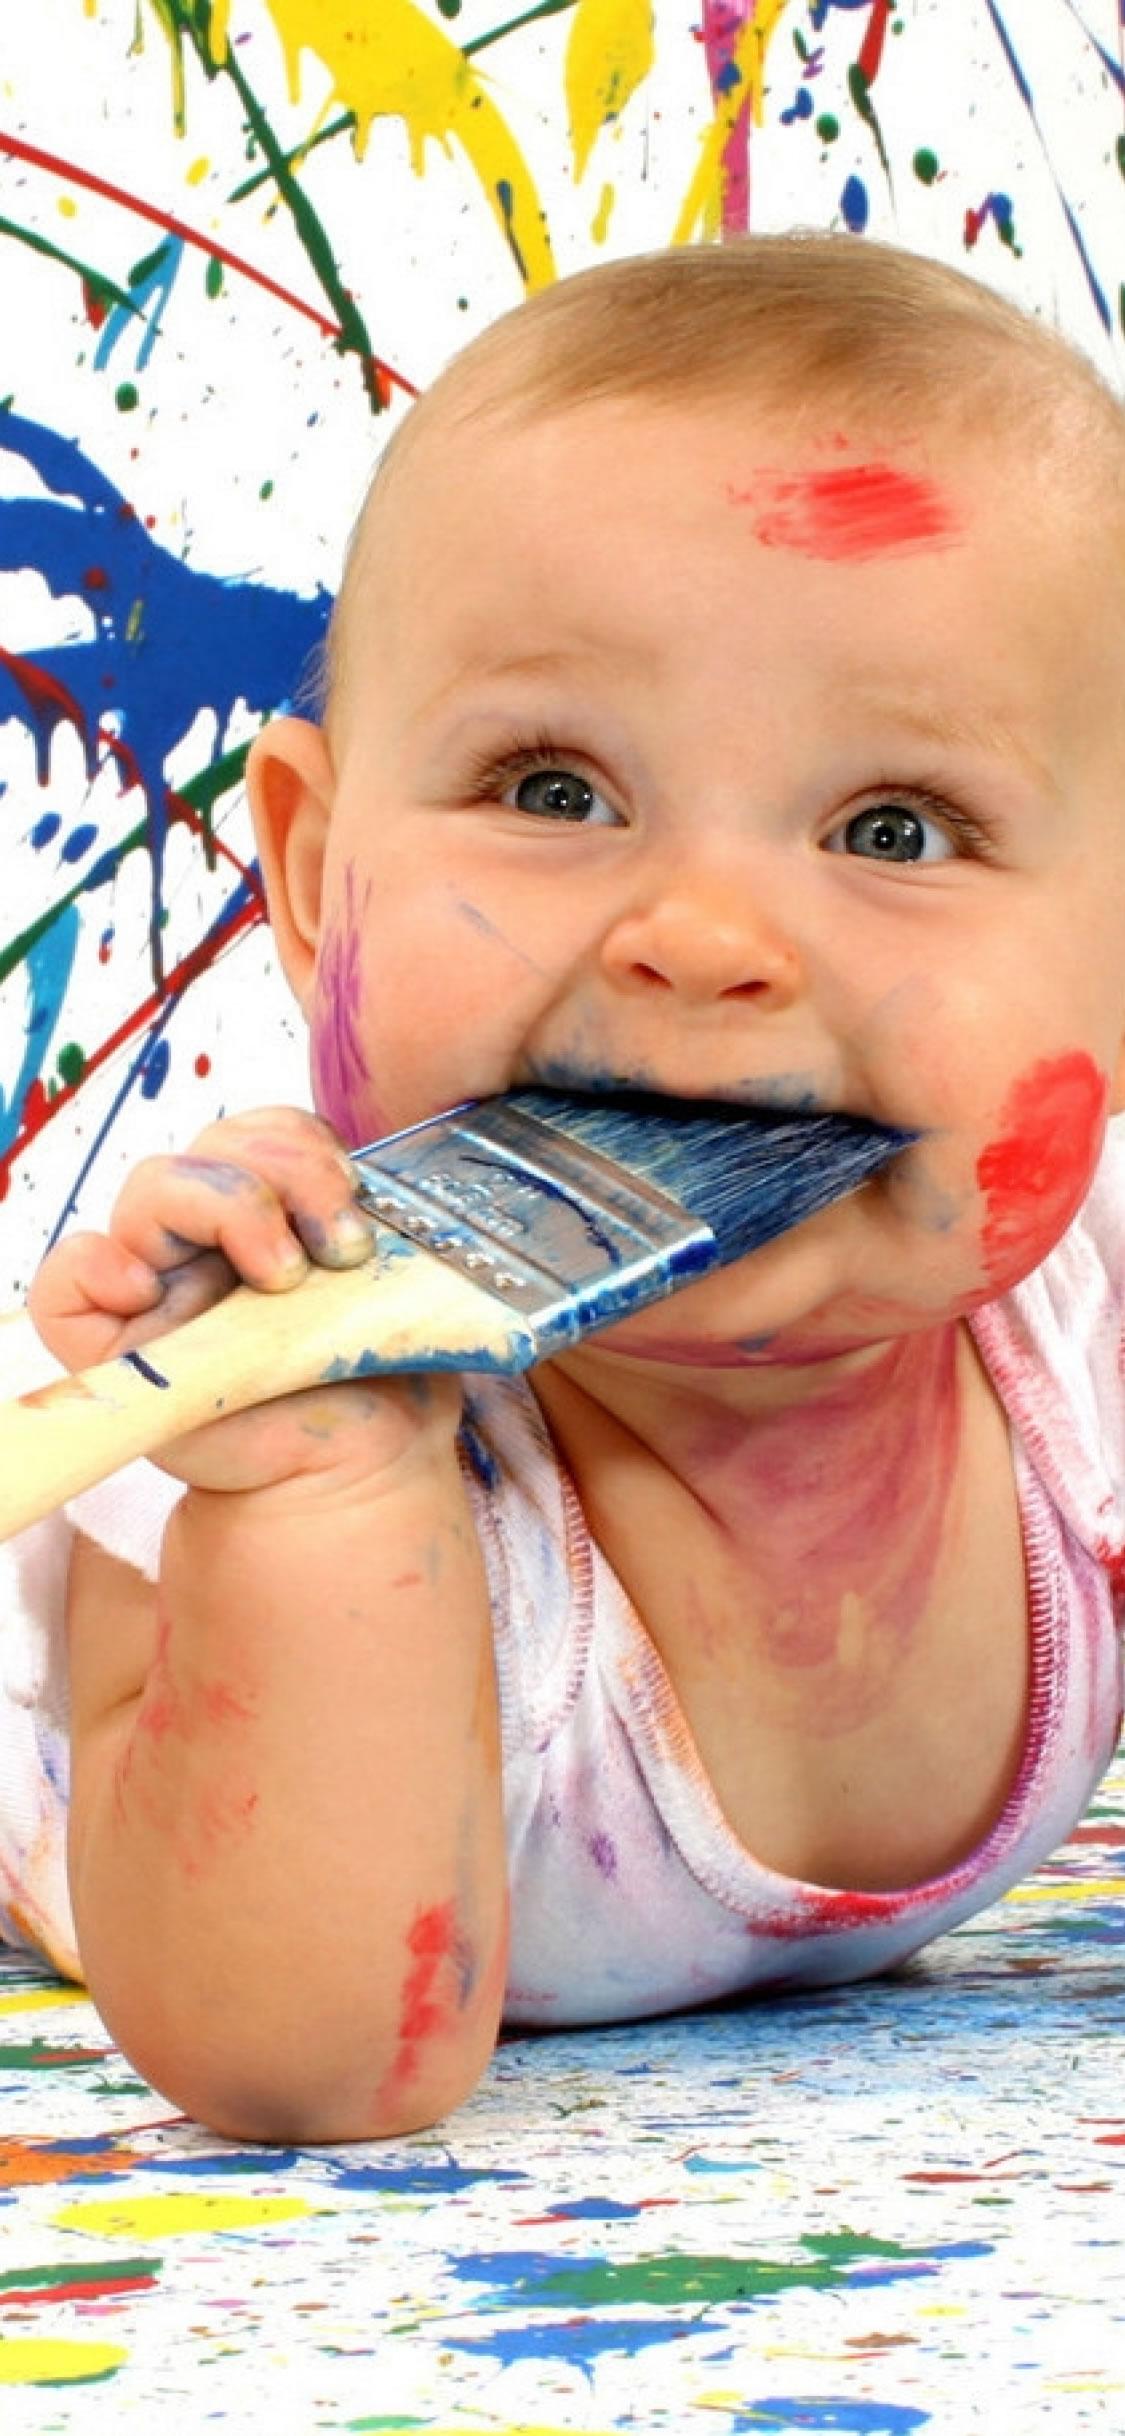 かわいい赤ちゃん面白いペイントiphone X壁紙 Iphoneチーズ